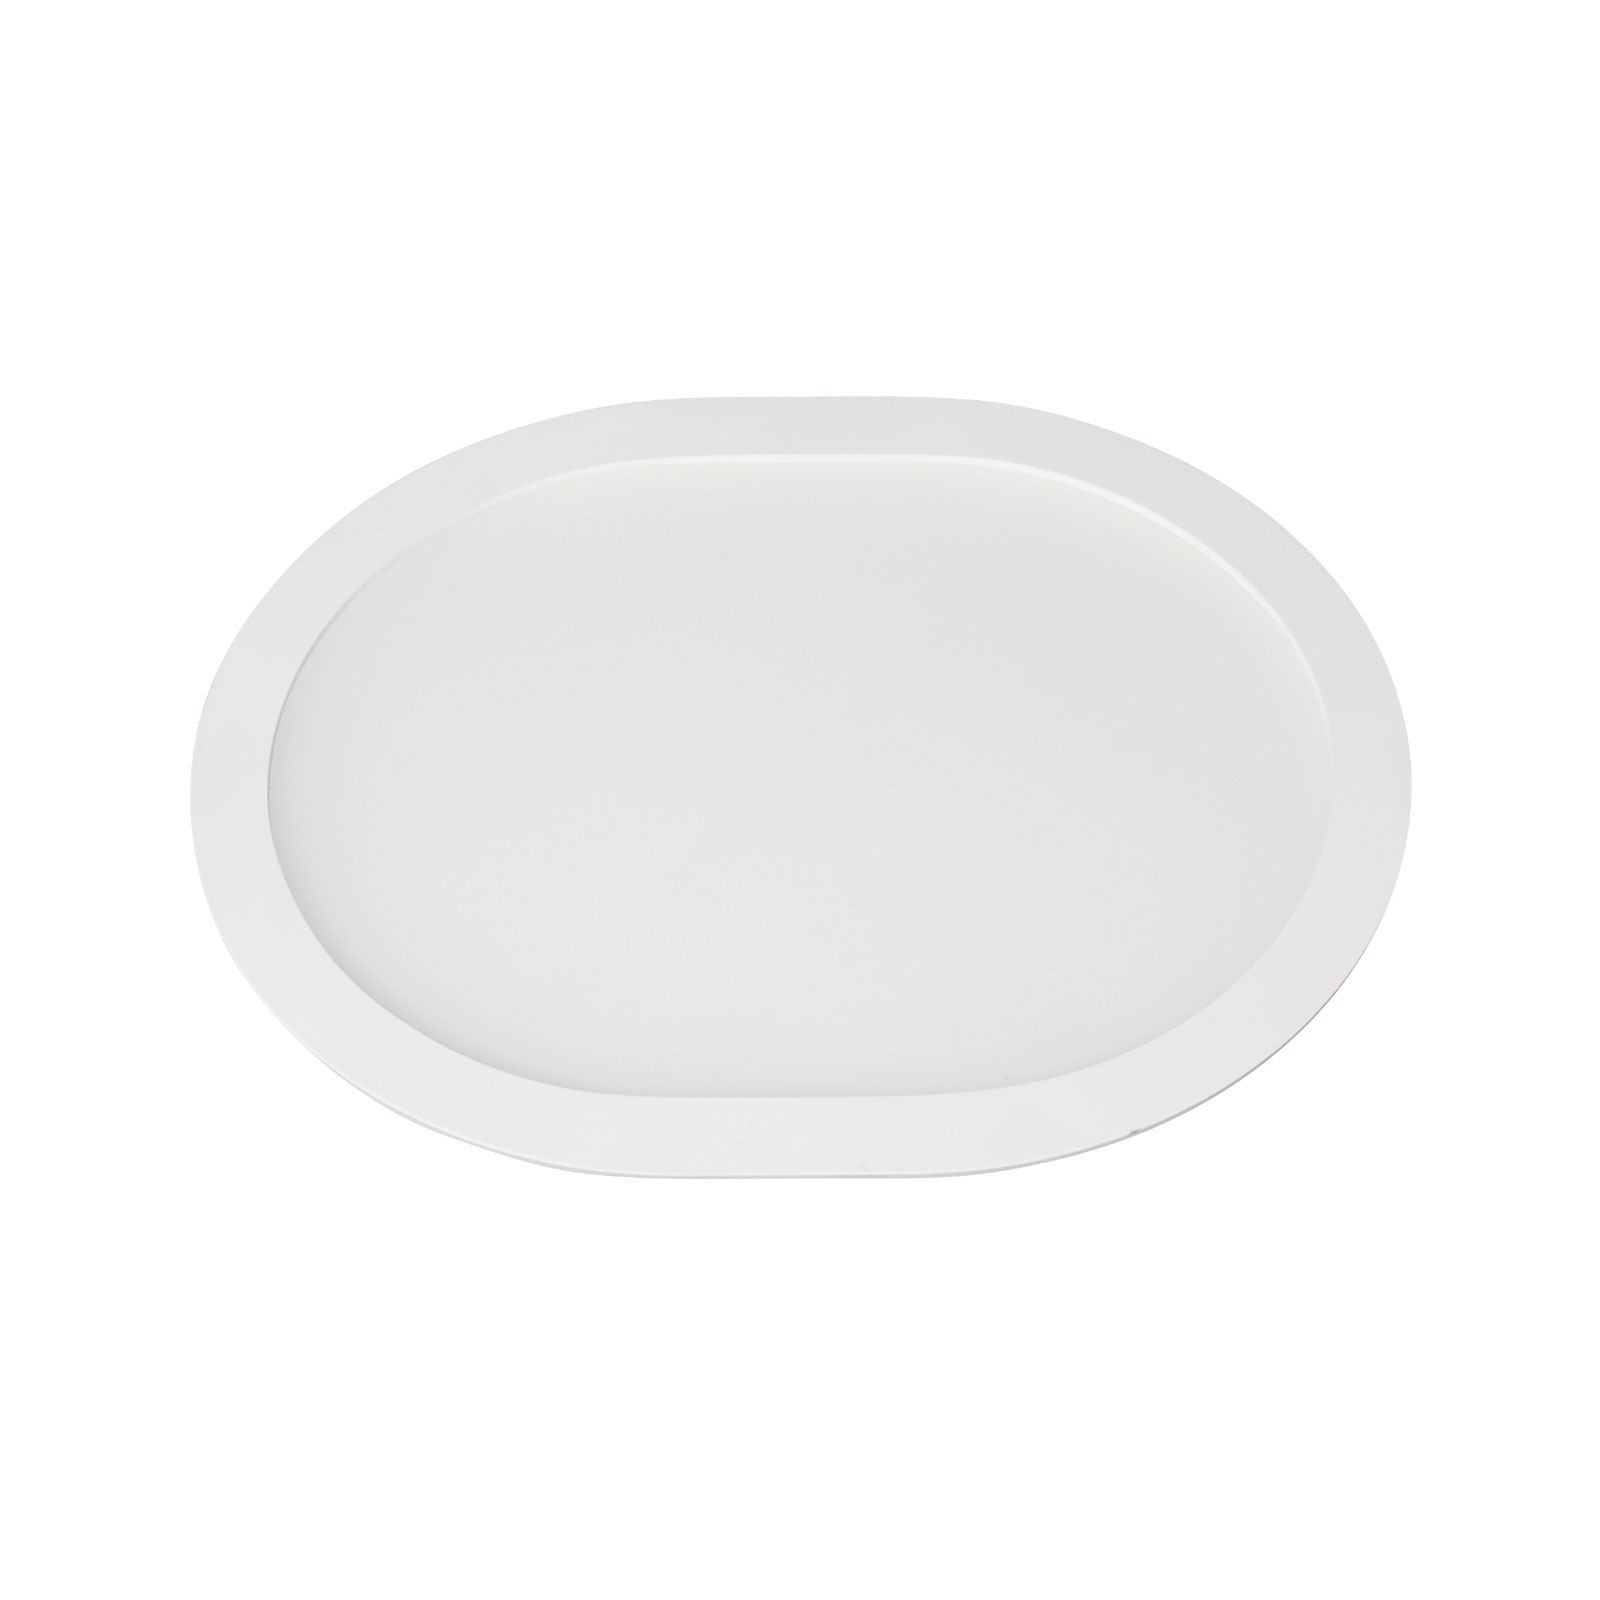 LED-innfellingspanel Ovale 3000K, 18 cm x 15 cm